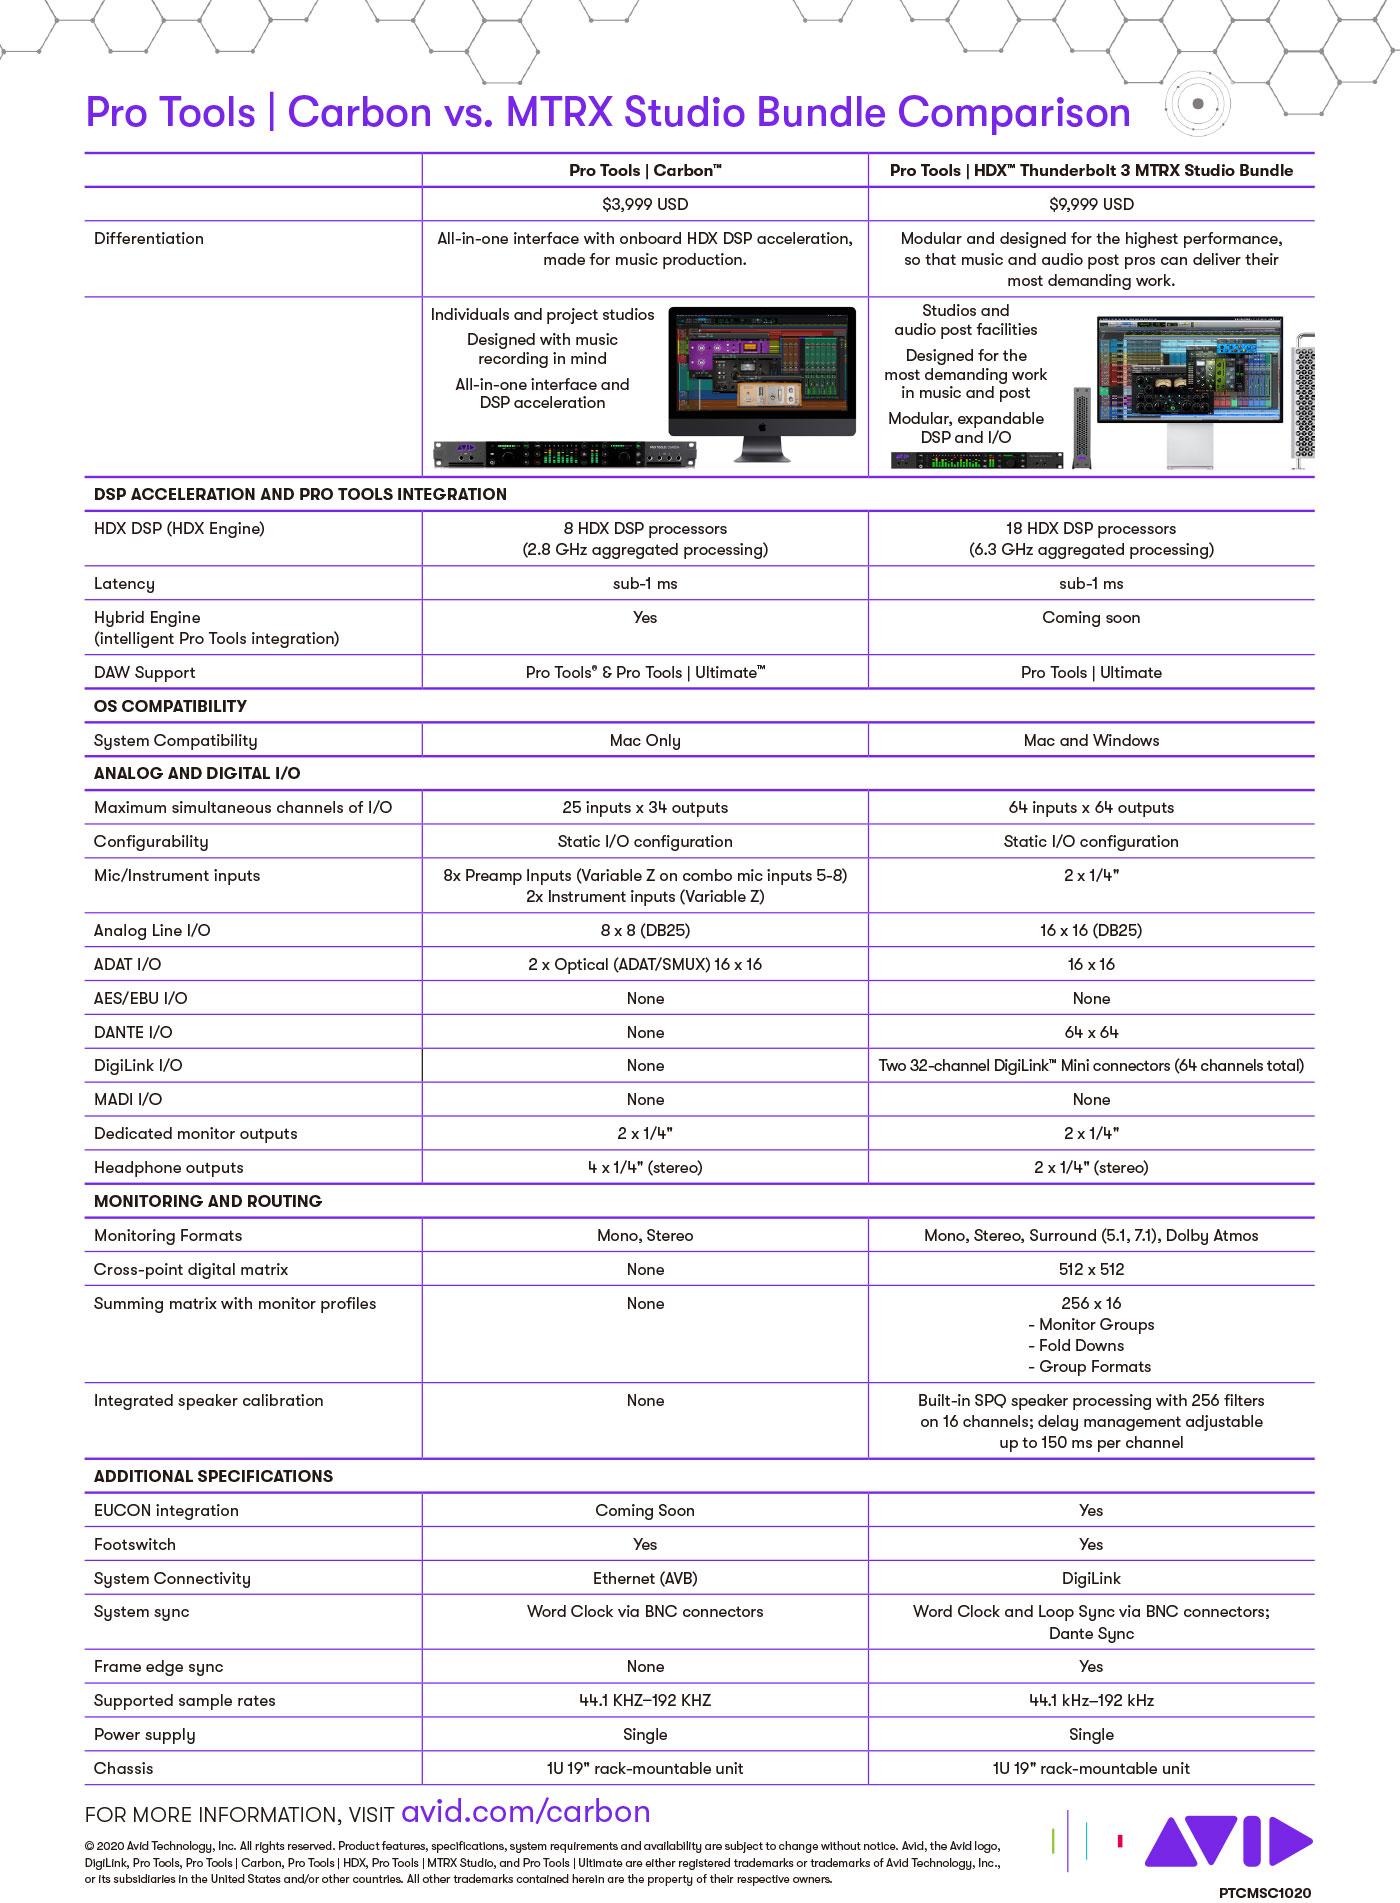 Pro-Tools-Carbon-vs.-HDX-MTRX-Studio-Bundle-Comparison